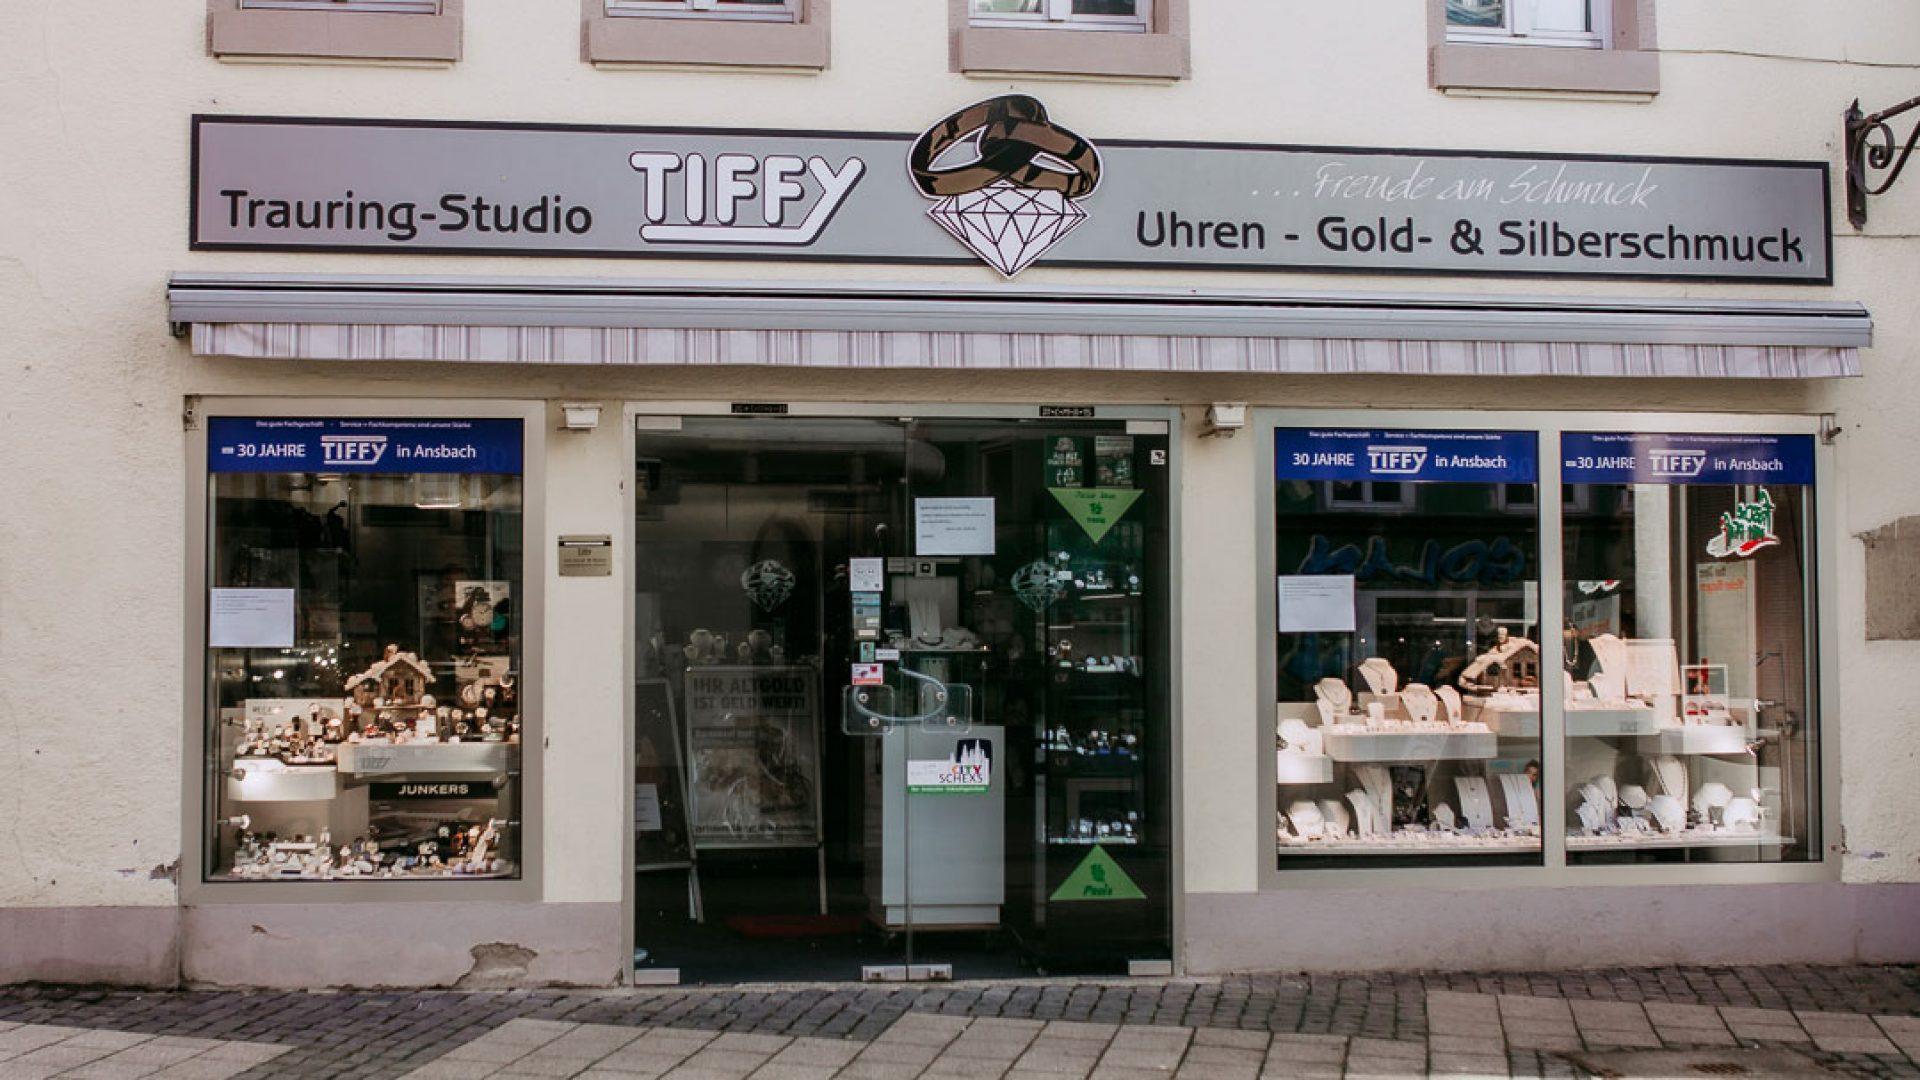 Einkaufen-in-Ansbach-Tiffy